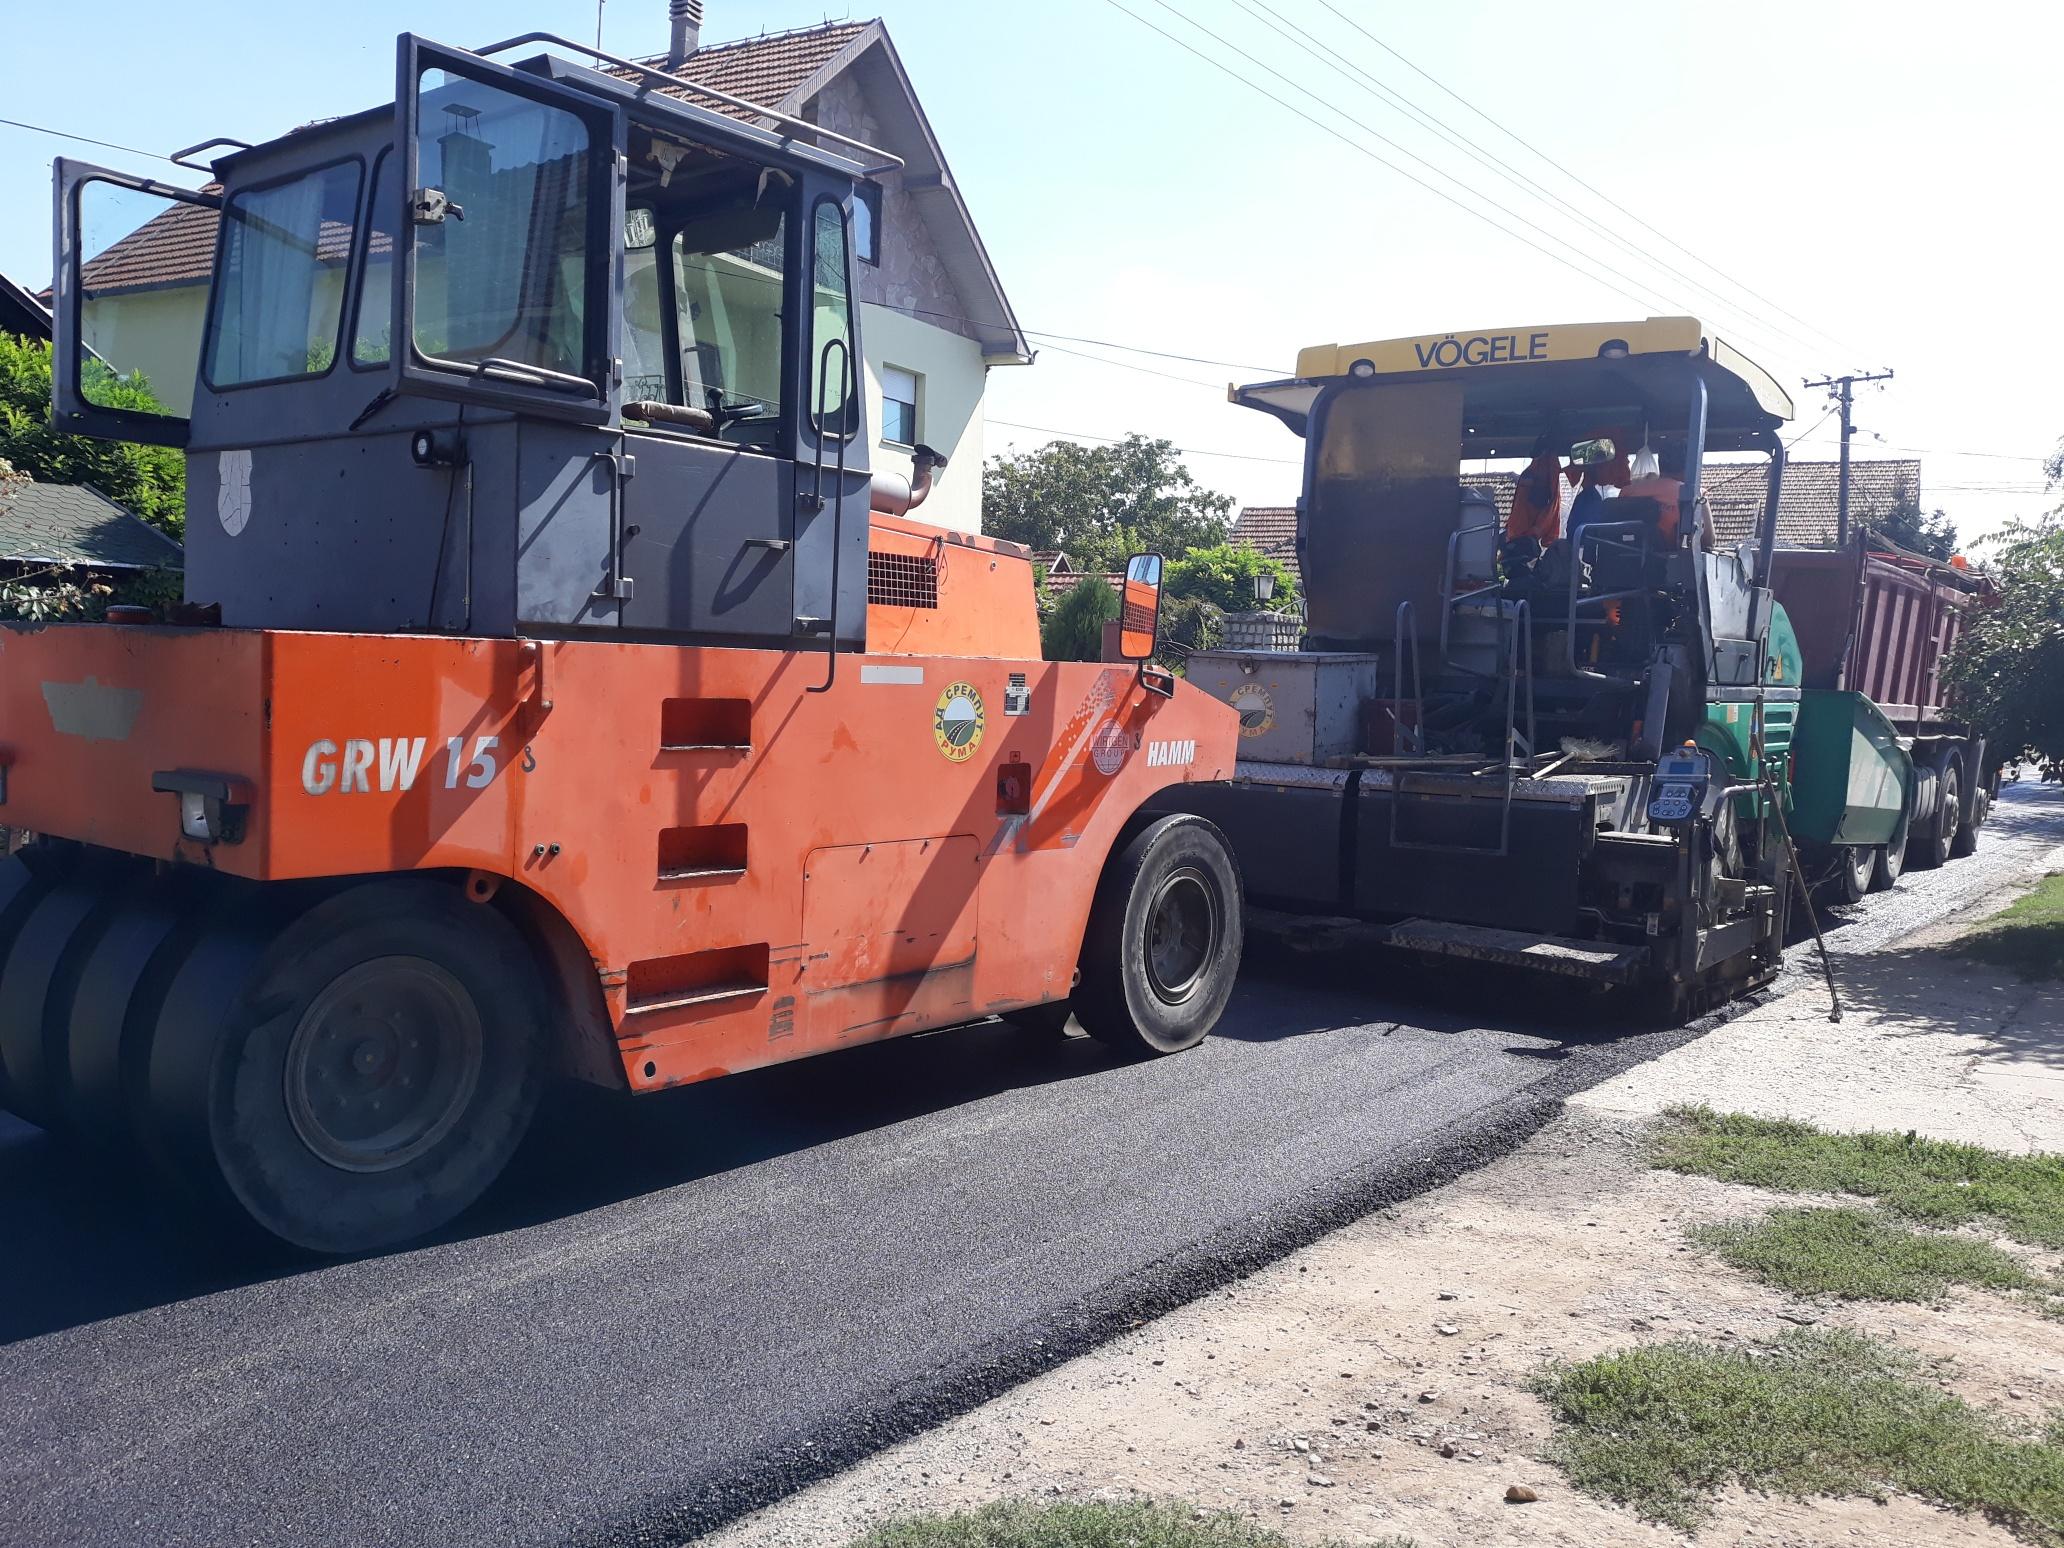 REKONSTRUKCIJA ULICA: Do jeseni novi asfalt za više od 10 ulica u inđijskoj opštini